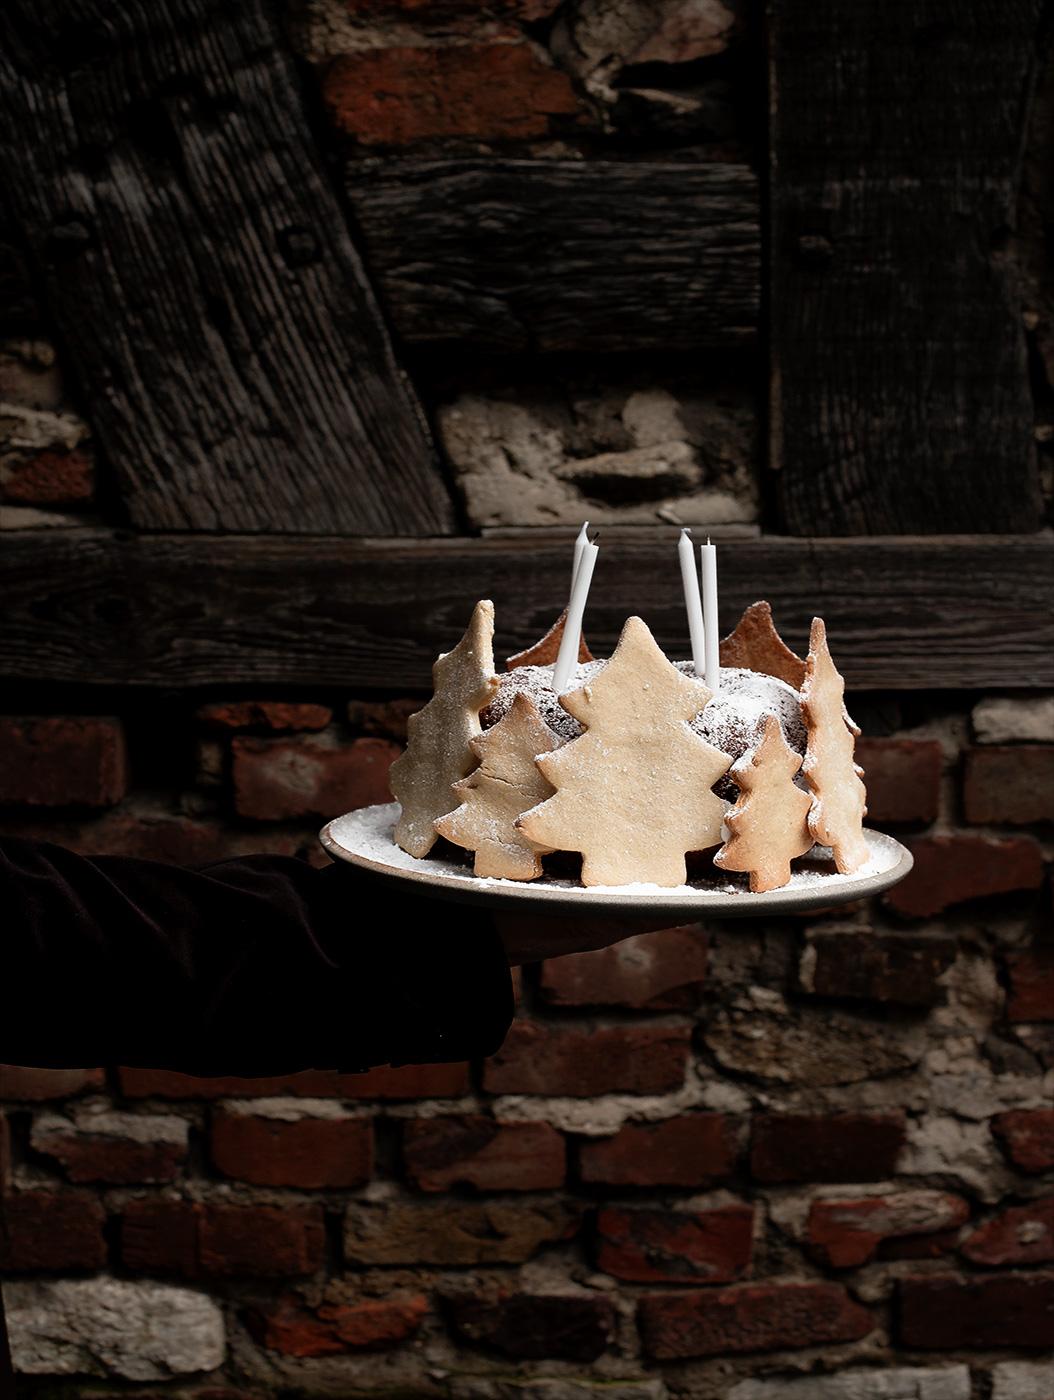 Kreative-Weihnachtsplätzchen-und-Kuchen-für-die-AdventszeitIMG_8811